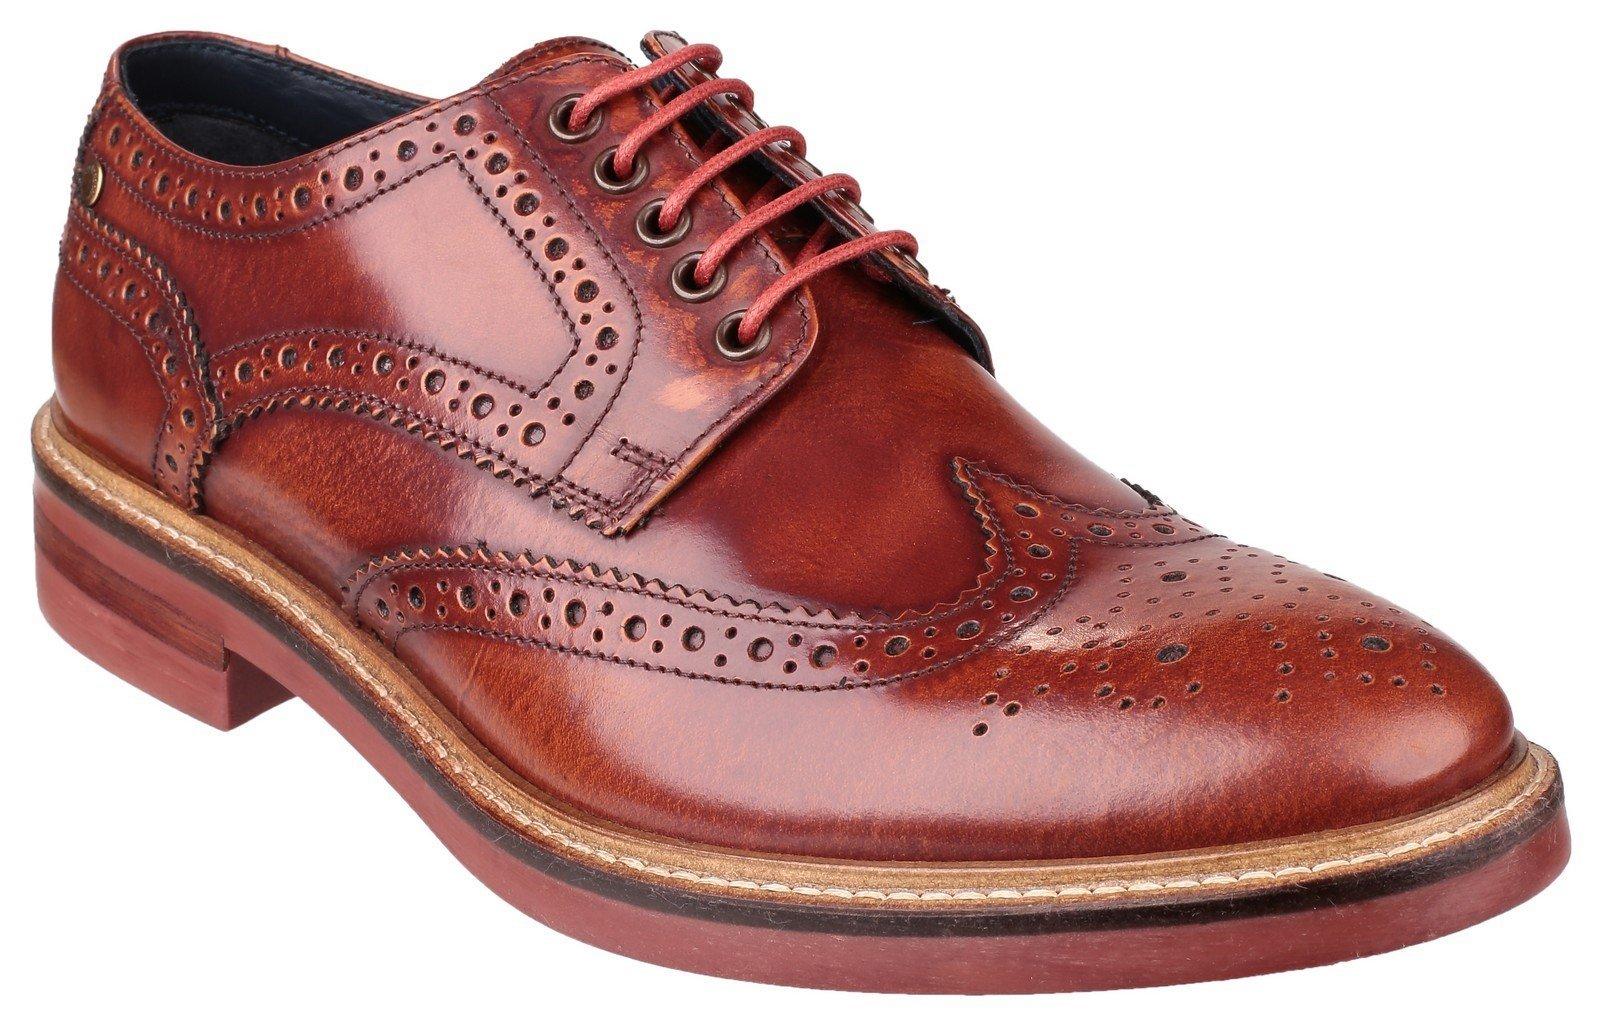 Base London Men's Woburn Hi-Shine Brogue Shoes Tan 23167 - Tan 6